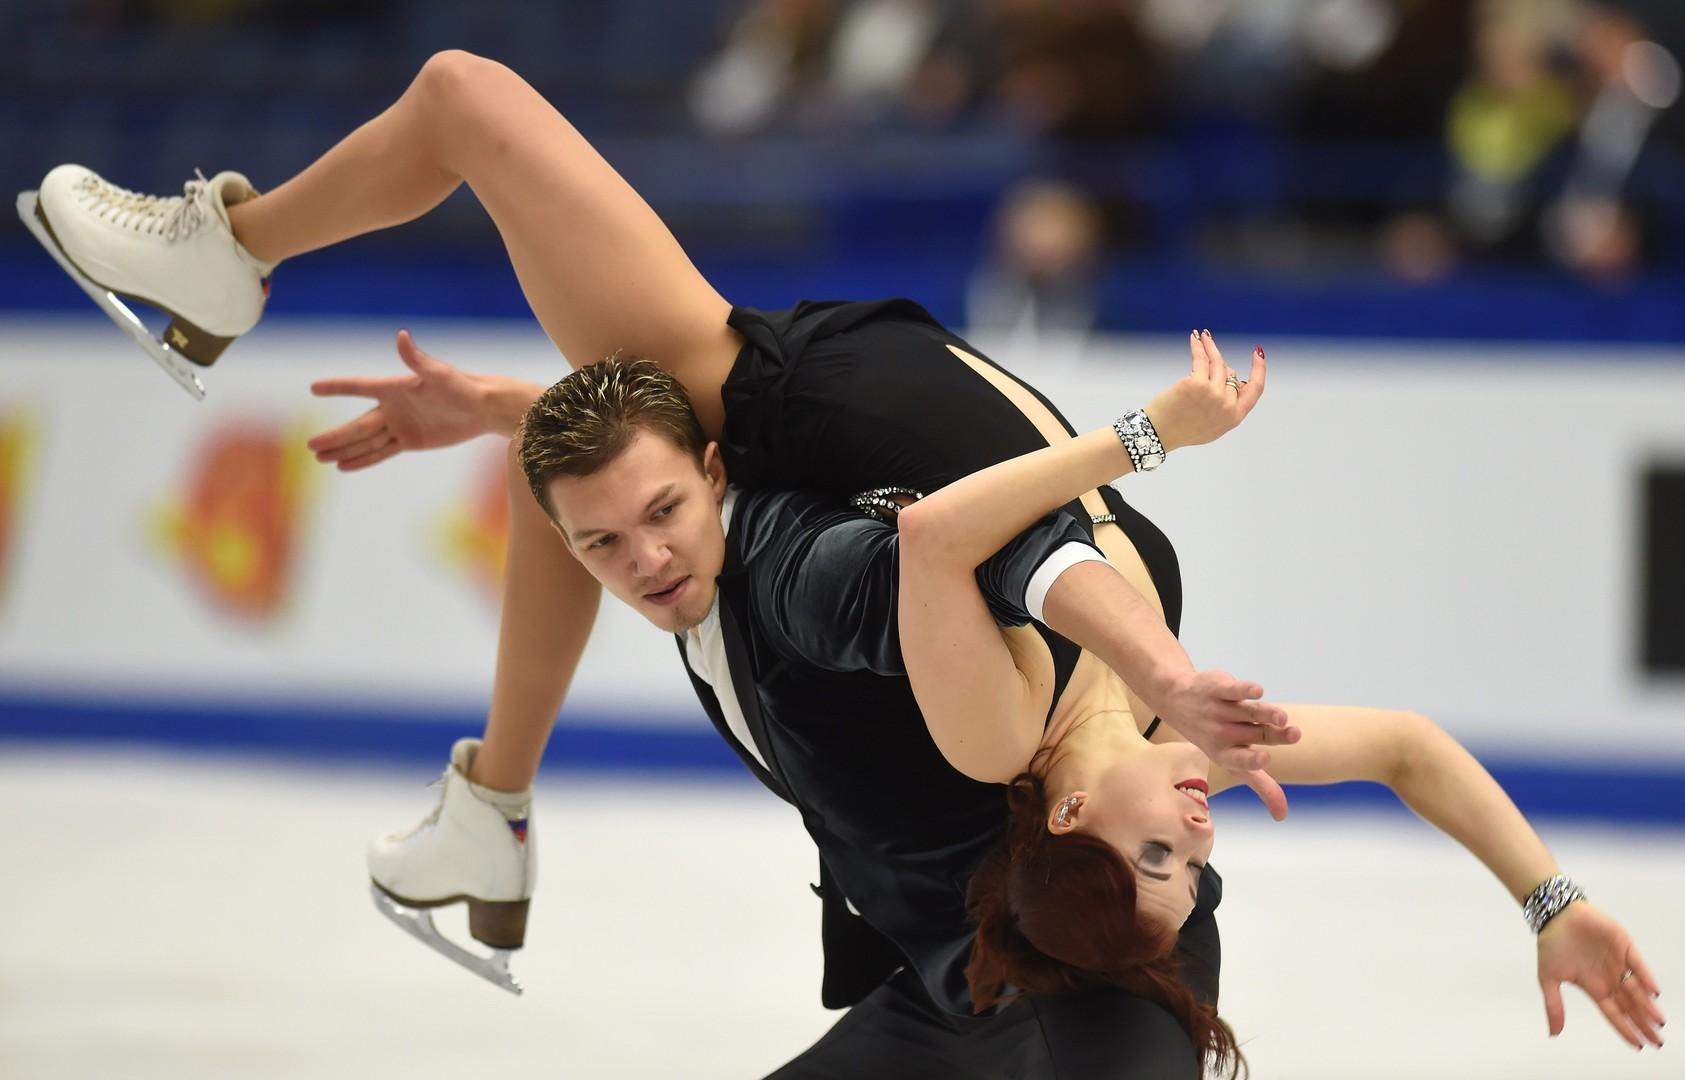 Фигурный беспредел: российских танцоров Боброву и Соловьёва засудили на чемпионате Европы